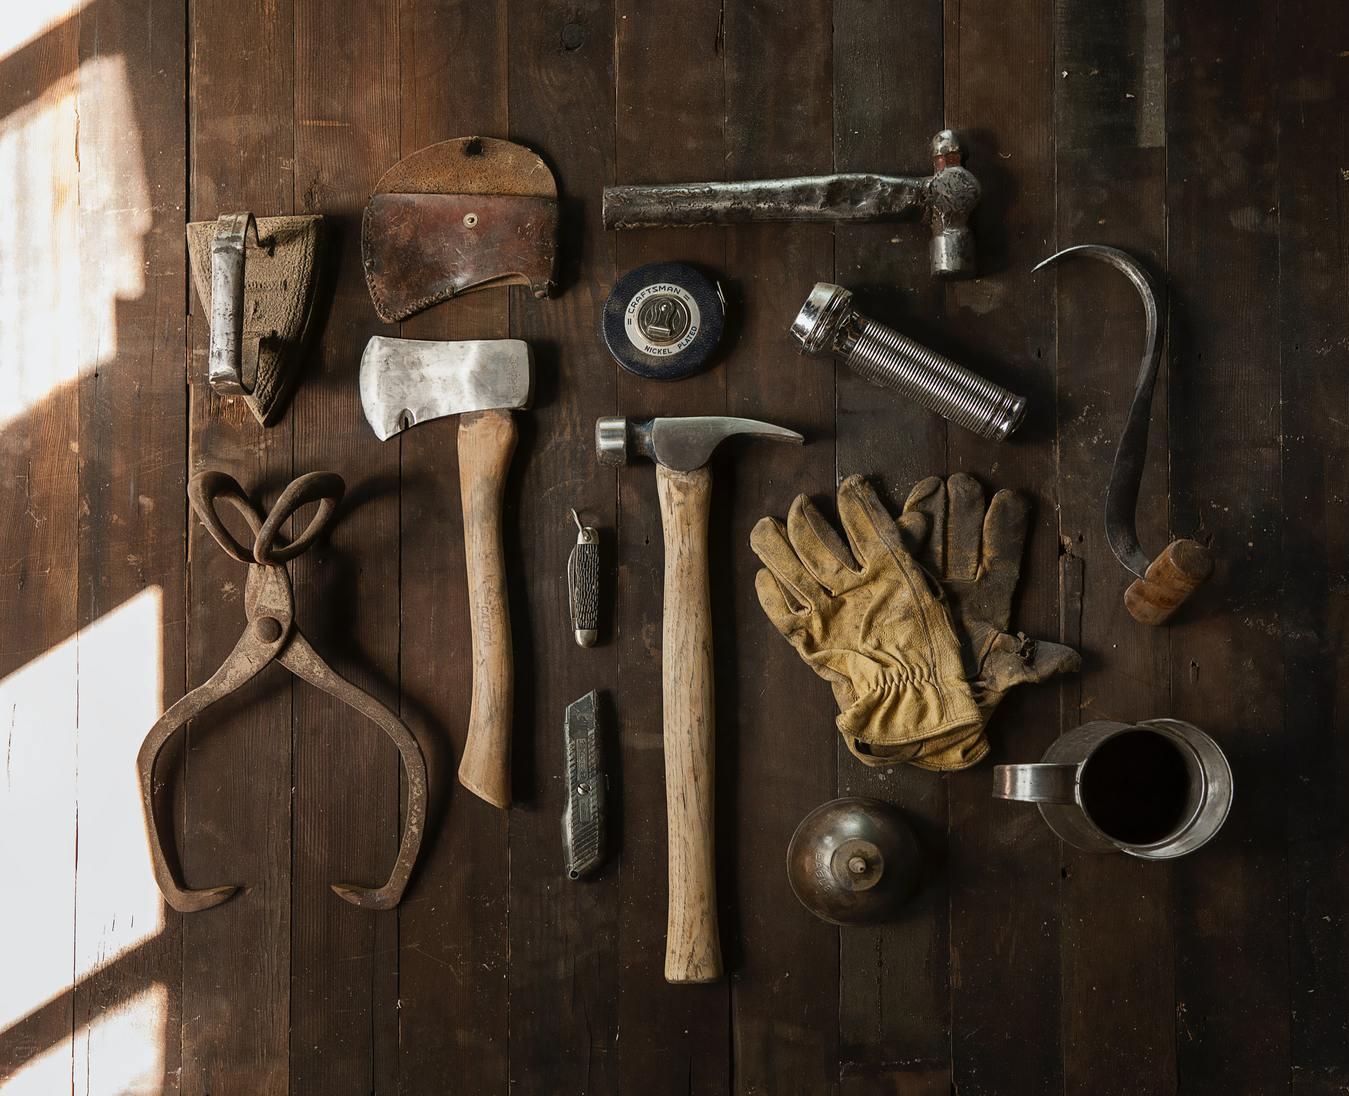 Strumenti di carpenteria su un fondo di legno